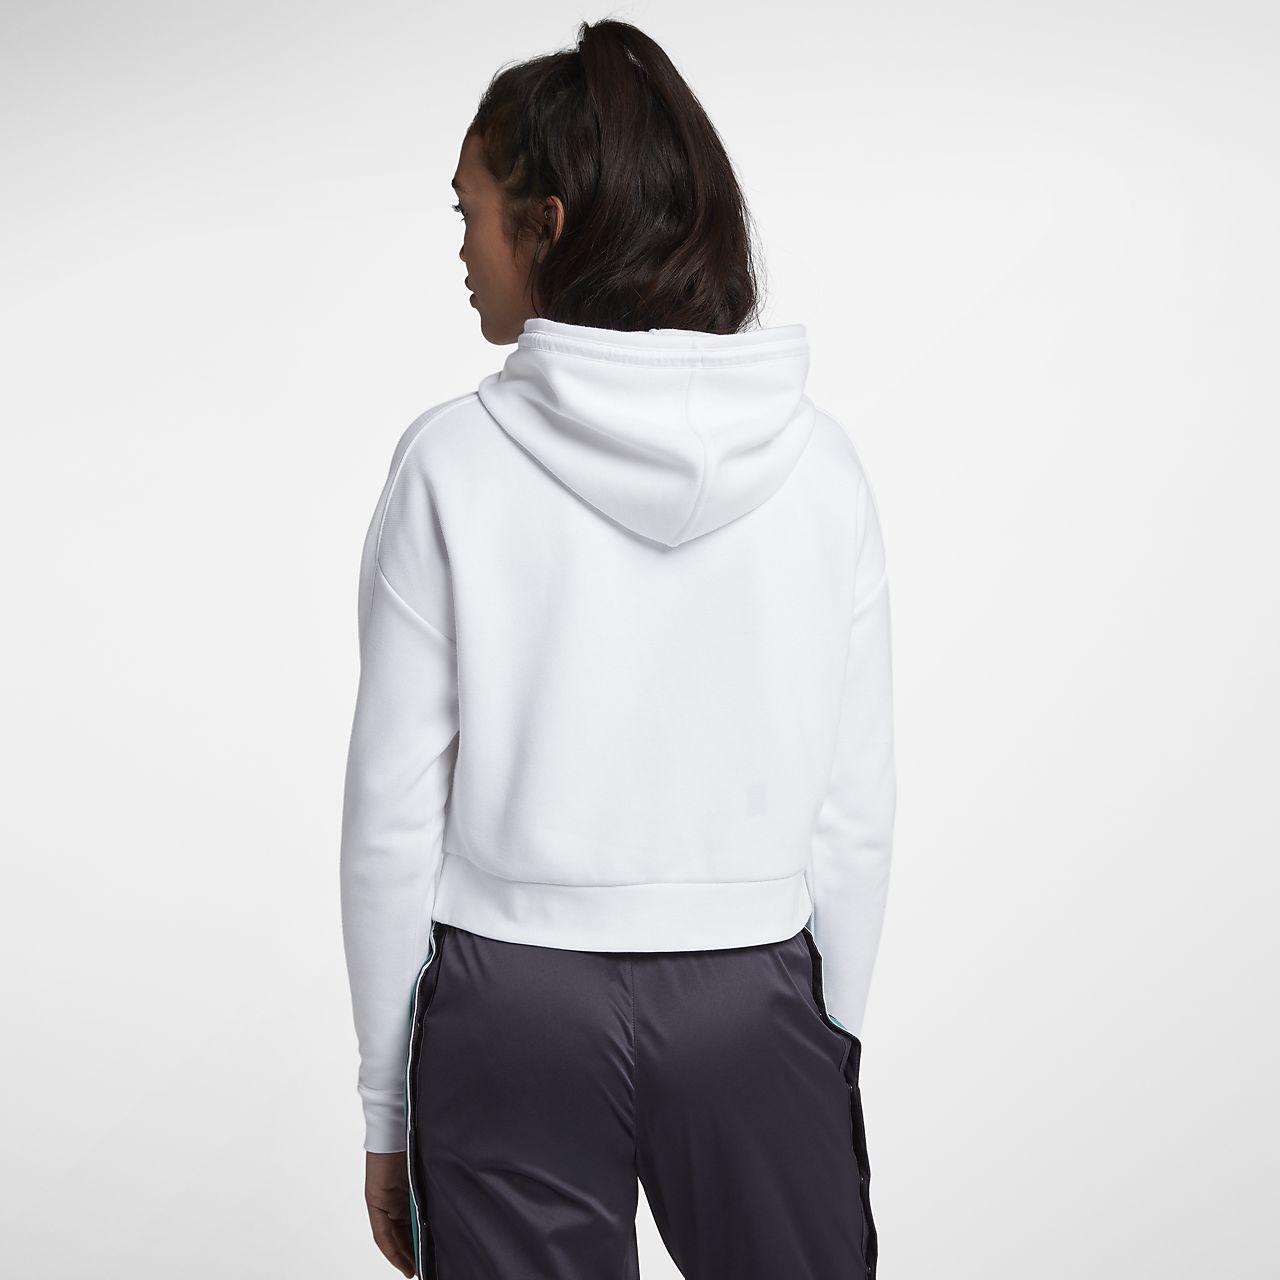 Dámská tenisová mikina s kapucí NikeCourt. Nike.com CZ 7dfb72a934